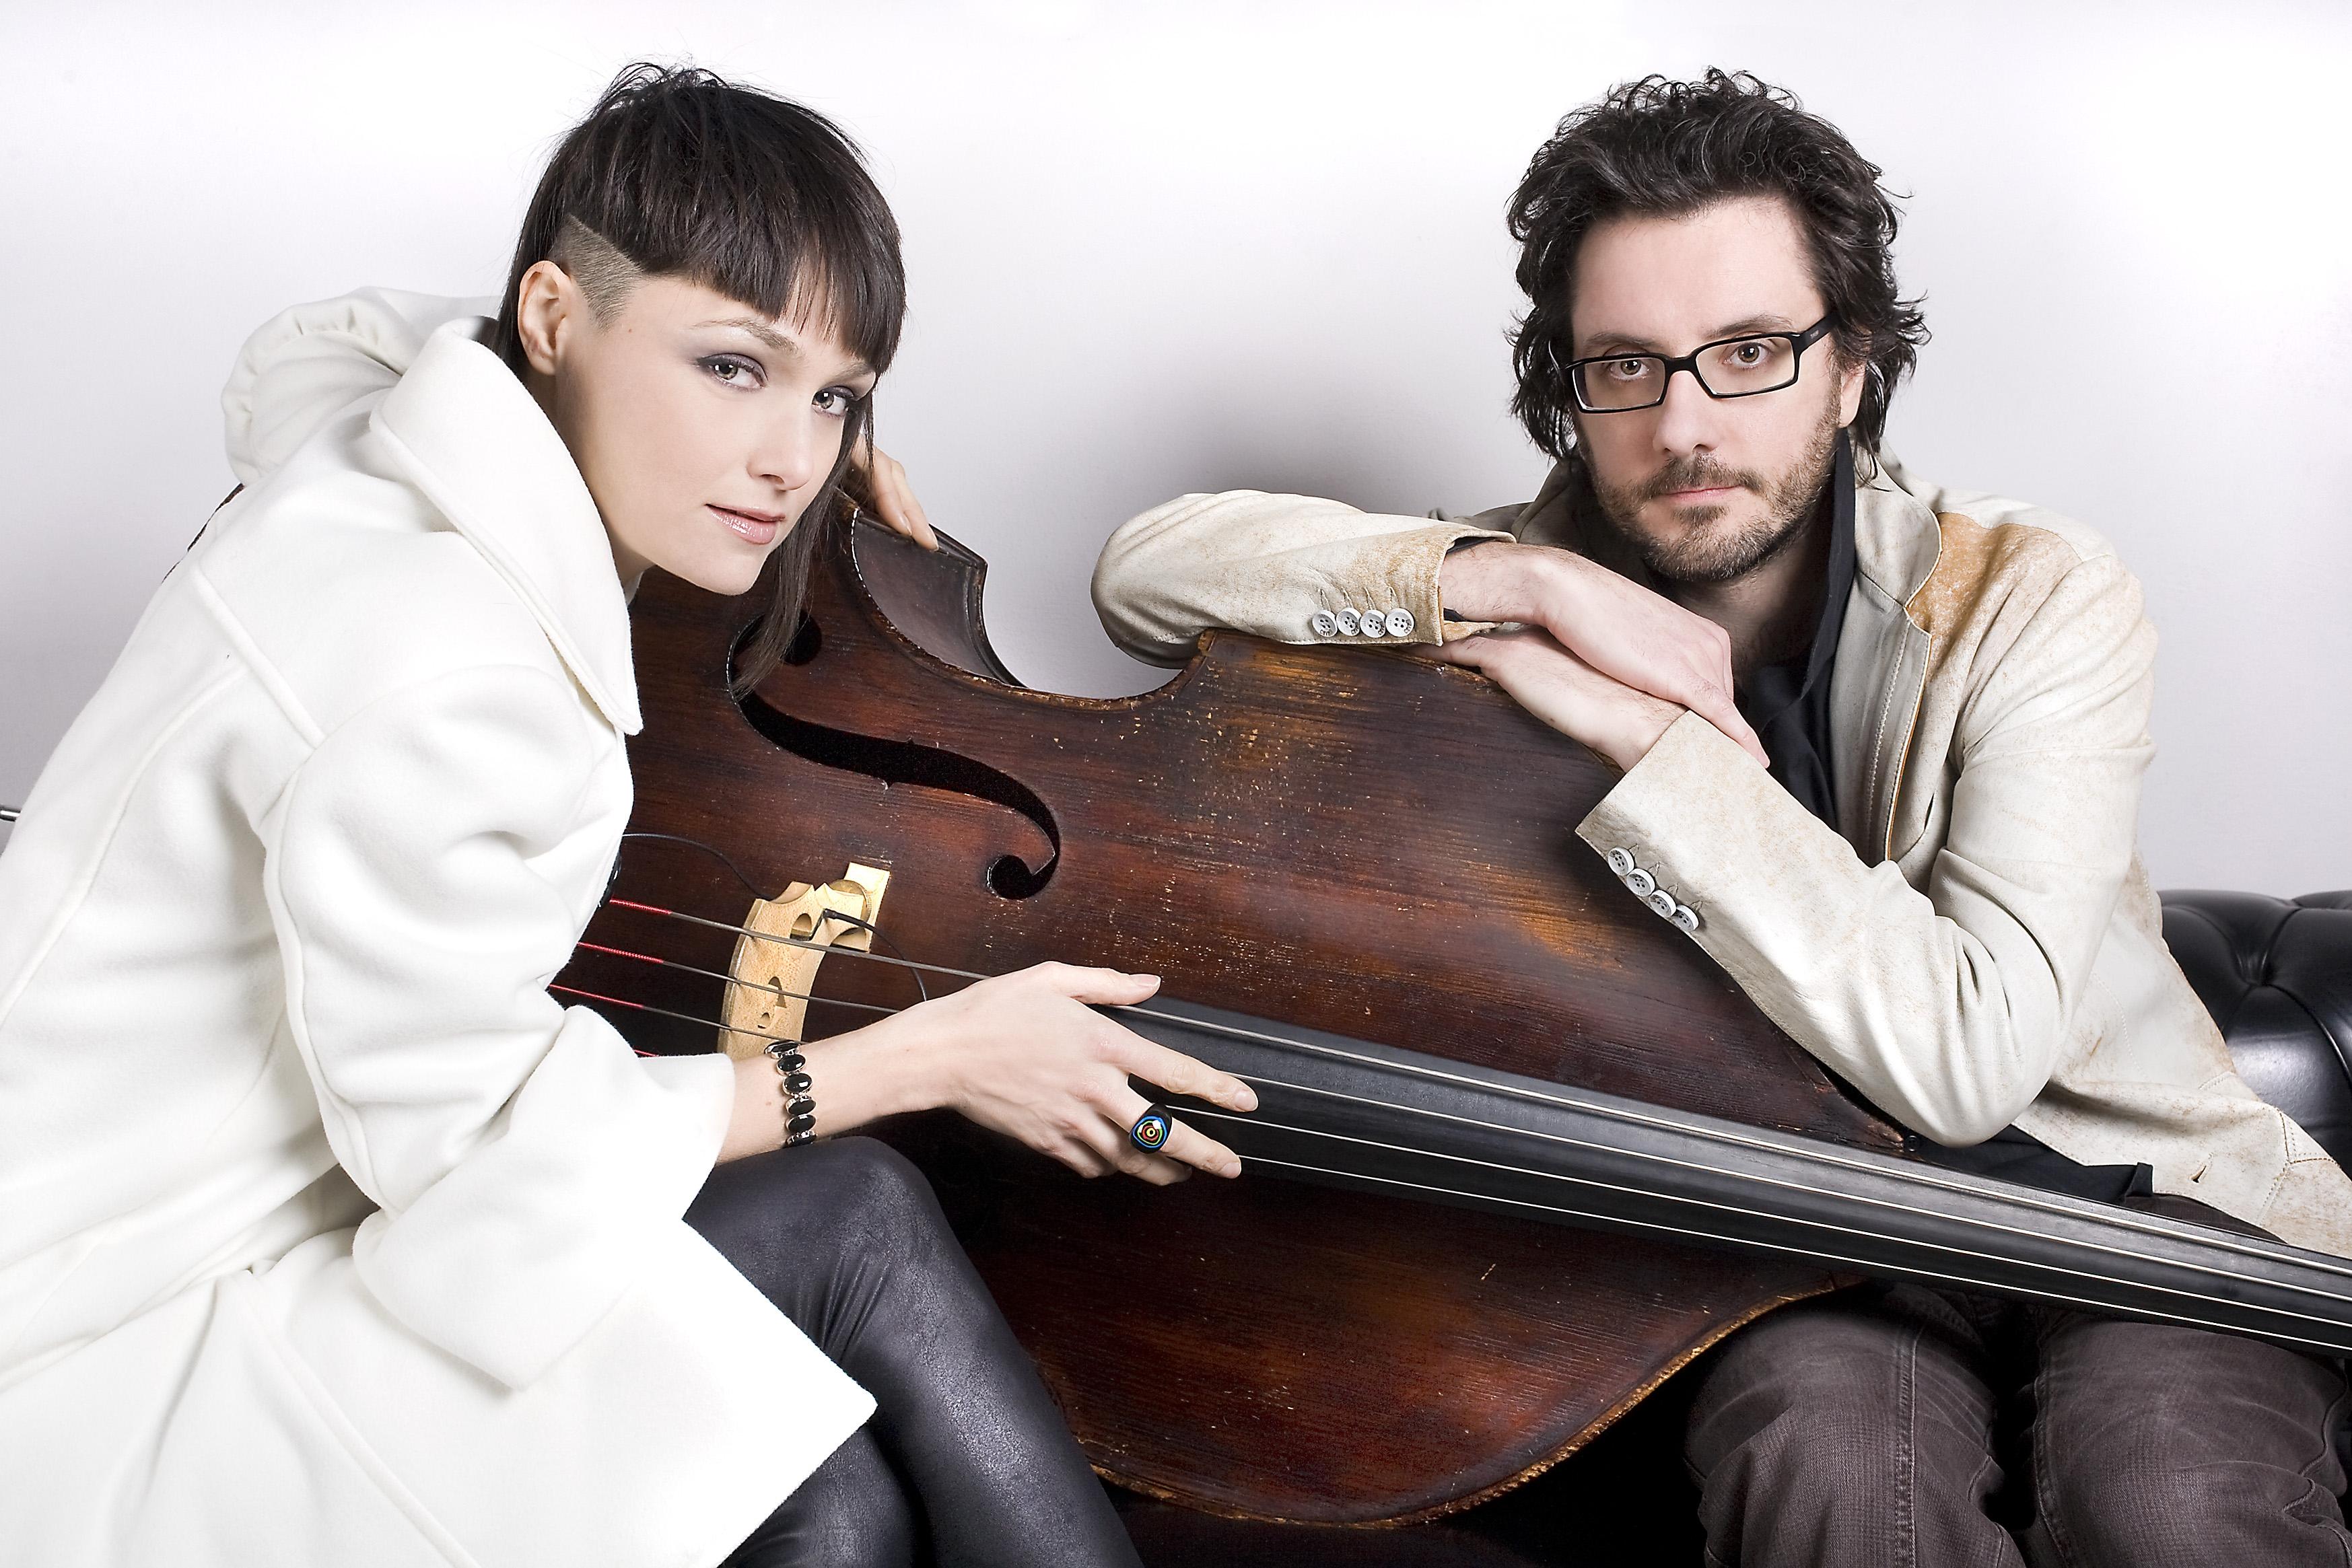 MUSICA NUDA con Petra Magoni & Ferruccio Spinetti. In concerto a Roma per il Festival Eutropia